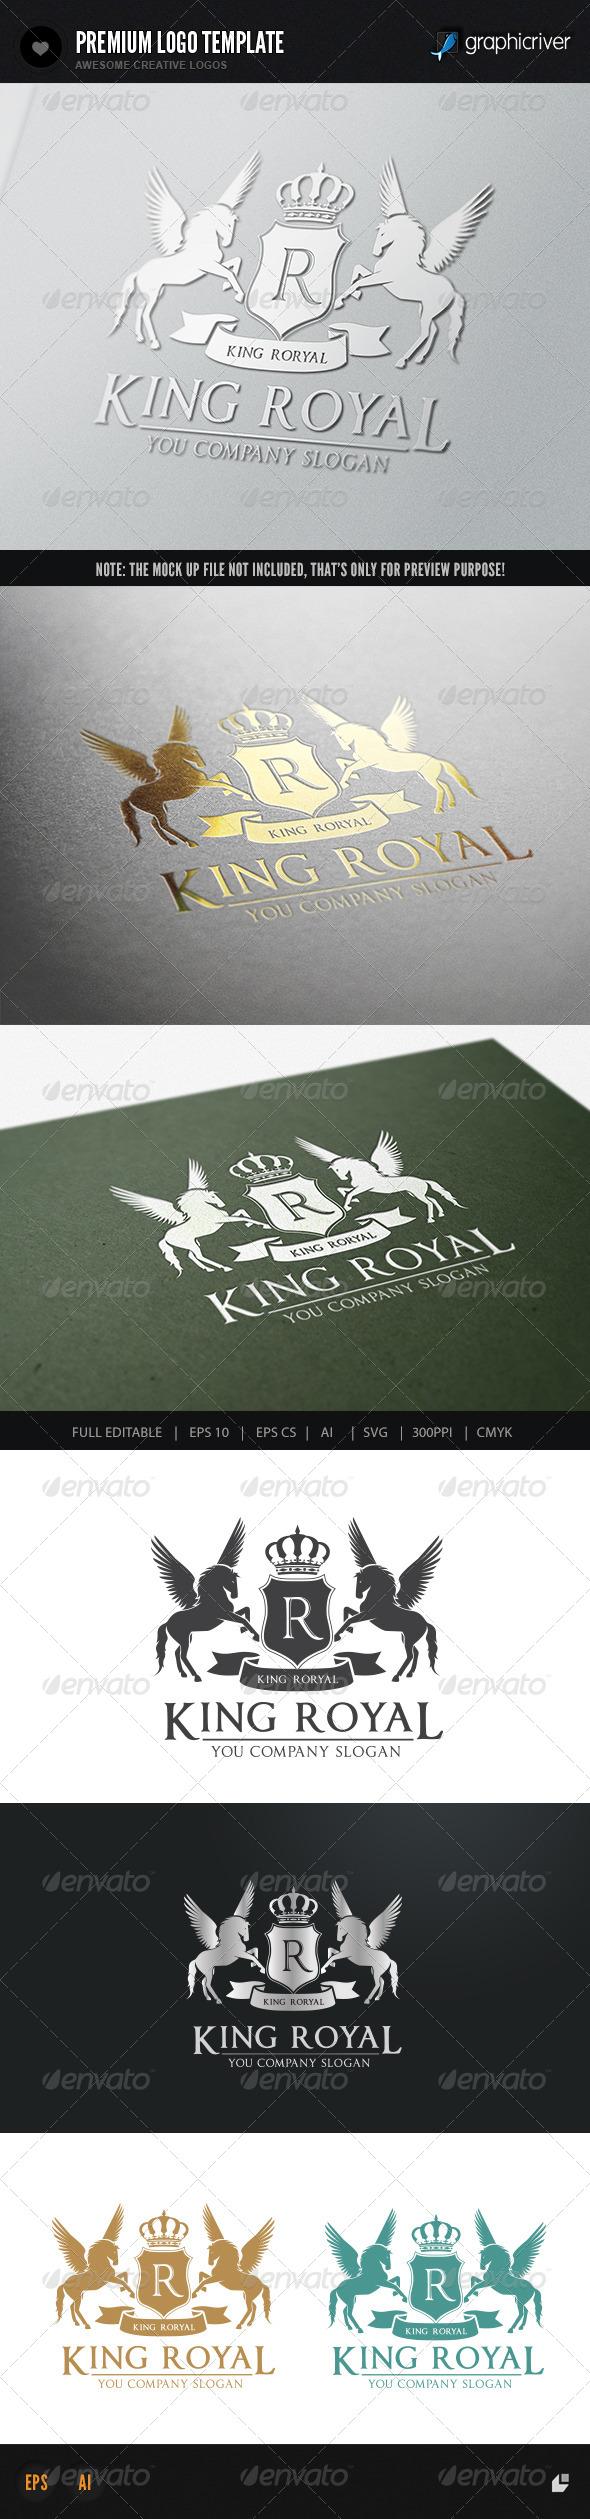 GraphicRiver King Royal II 7391488